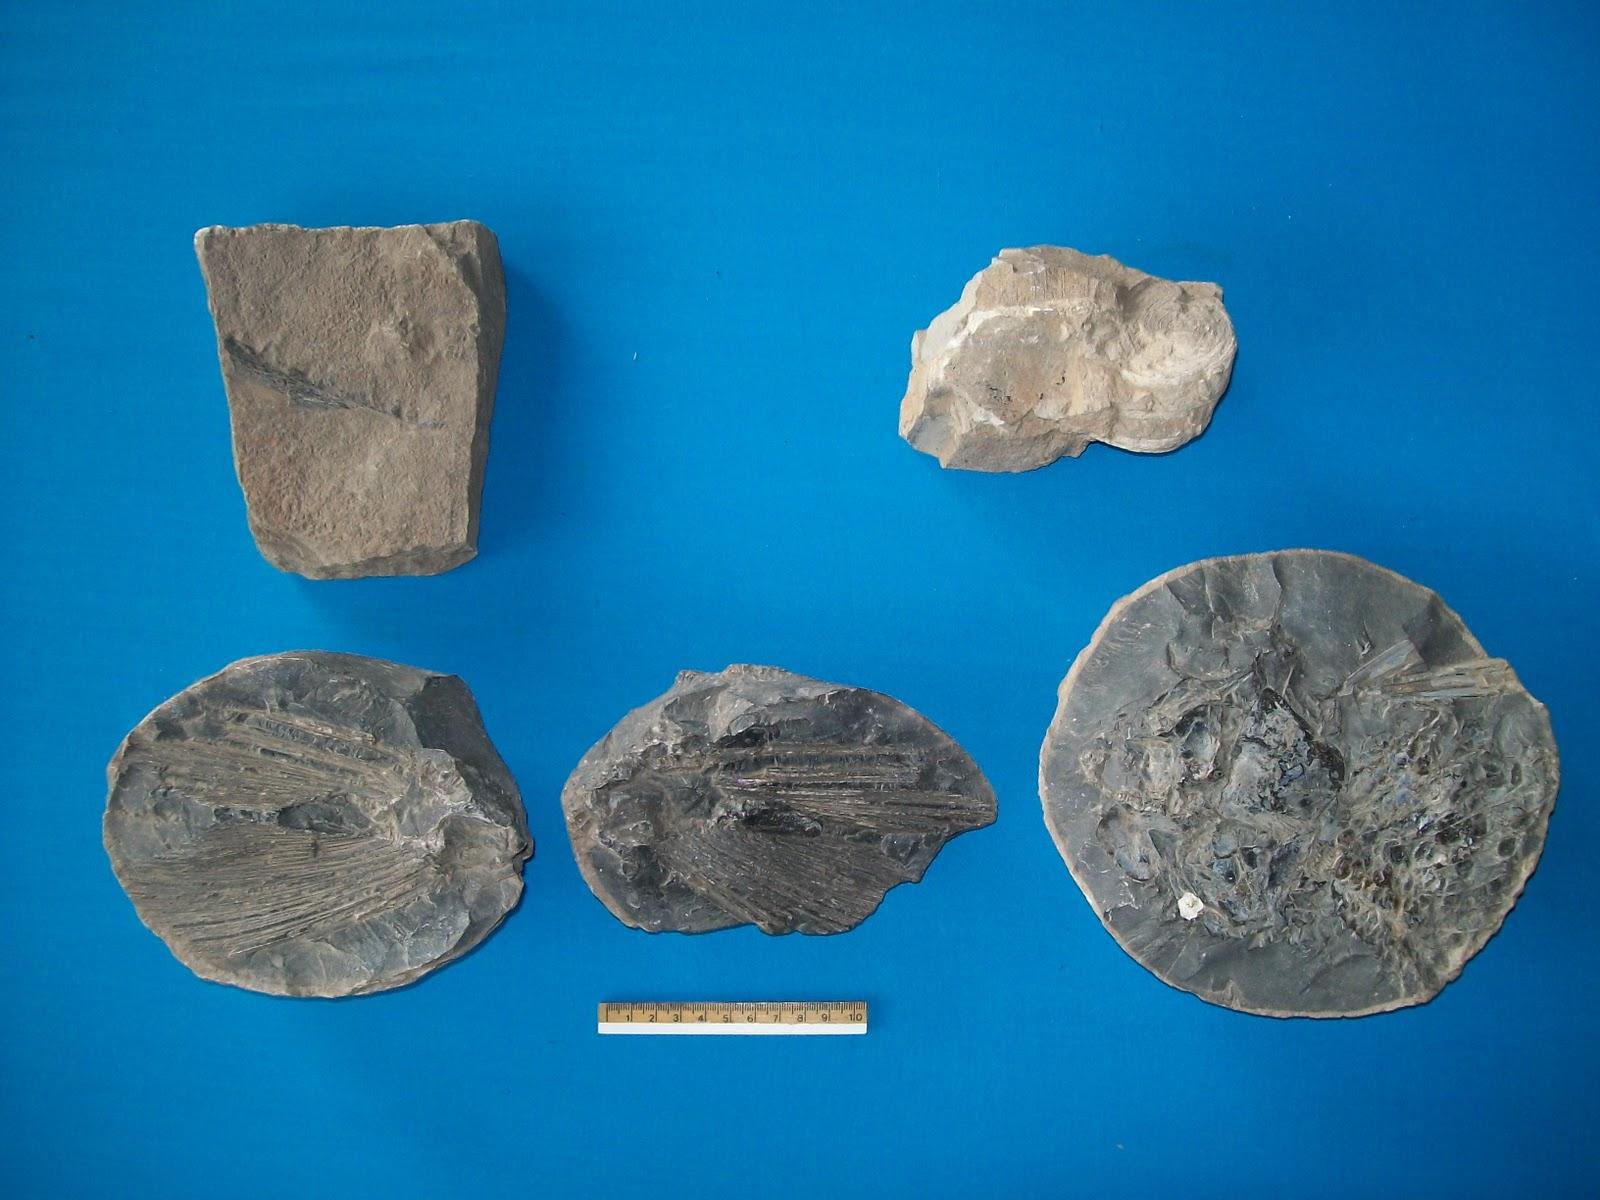 yacimientos pez fosil espana: